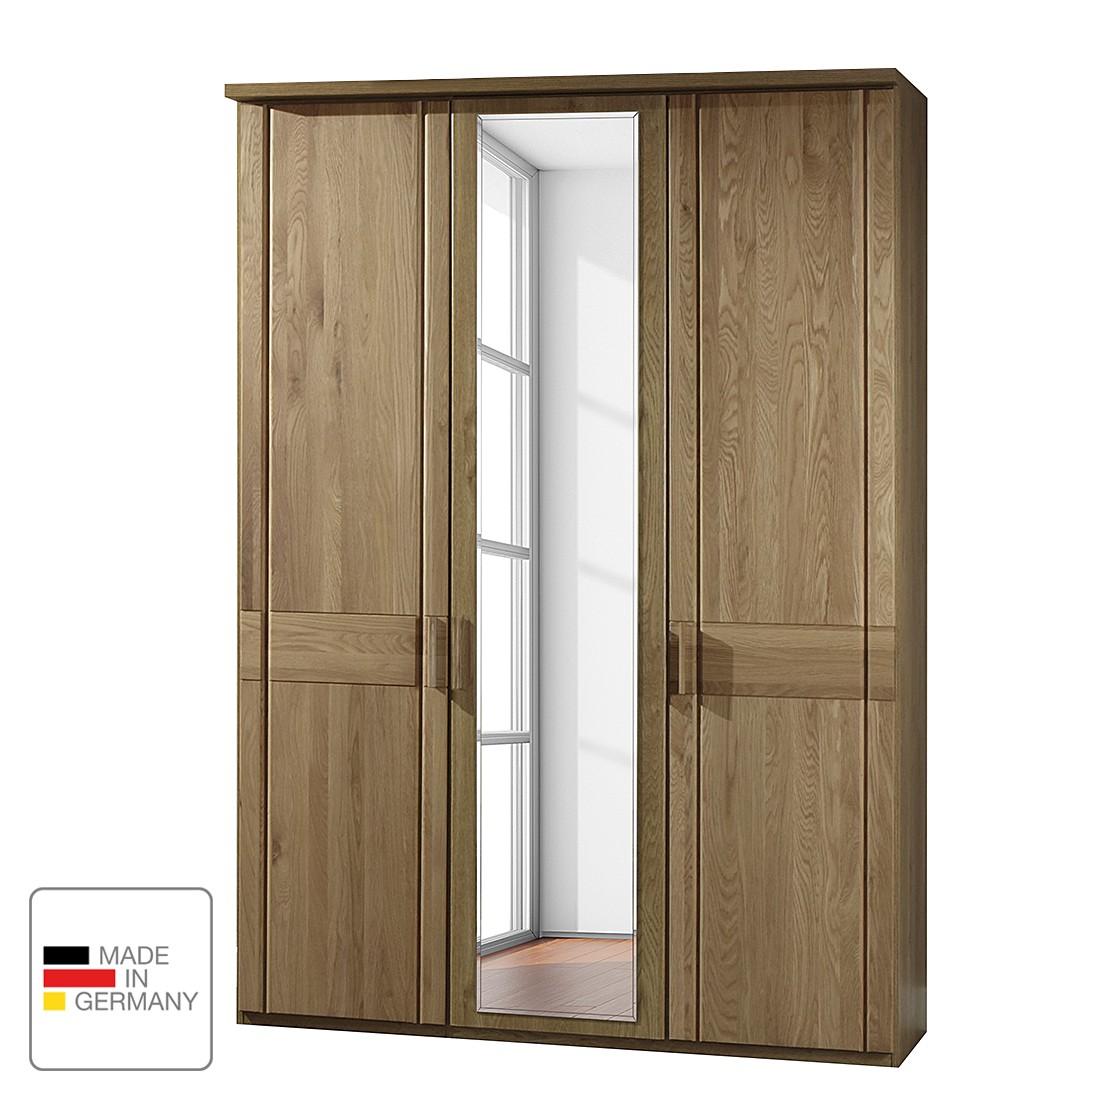 Draaideurkast Münster - deels massief eikenhout - Zonder verlichting - 250cm (5-deurs) - 3 spiegeldeuren - Met kroonlijst, Wiemann